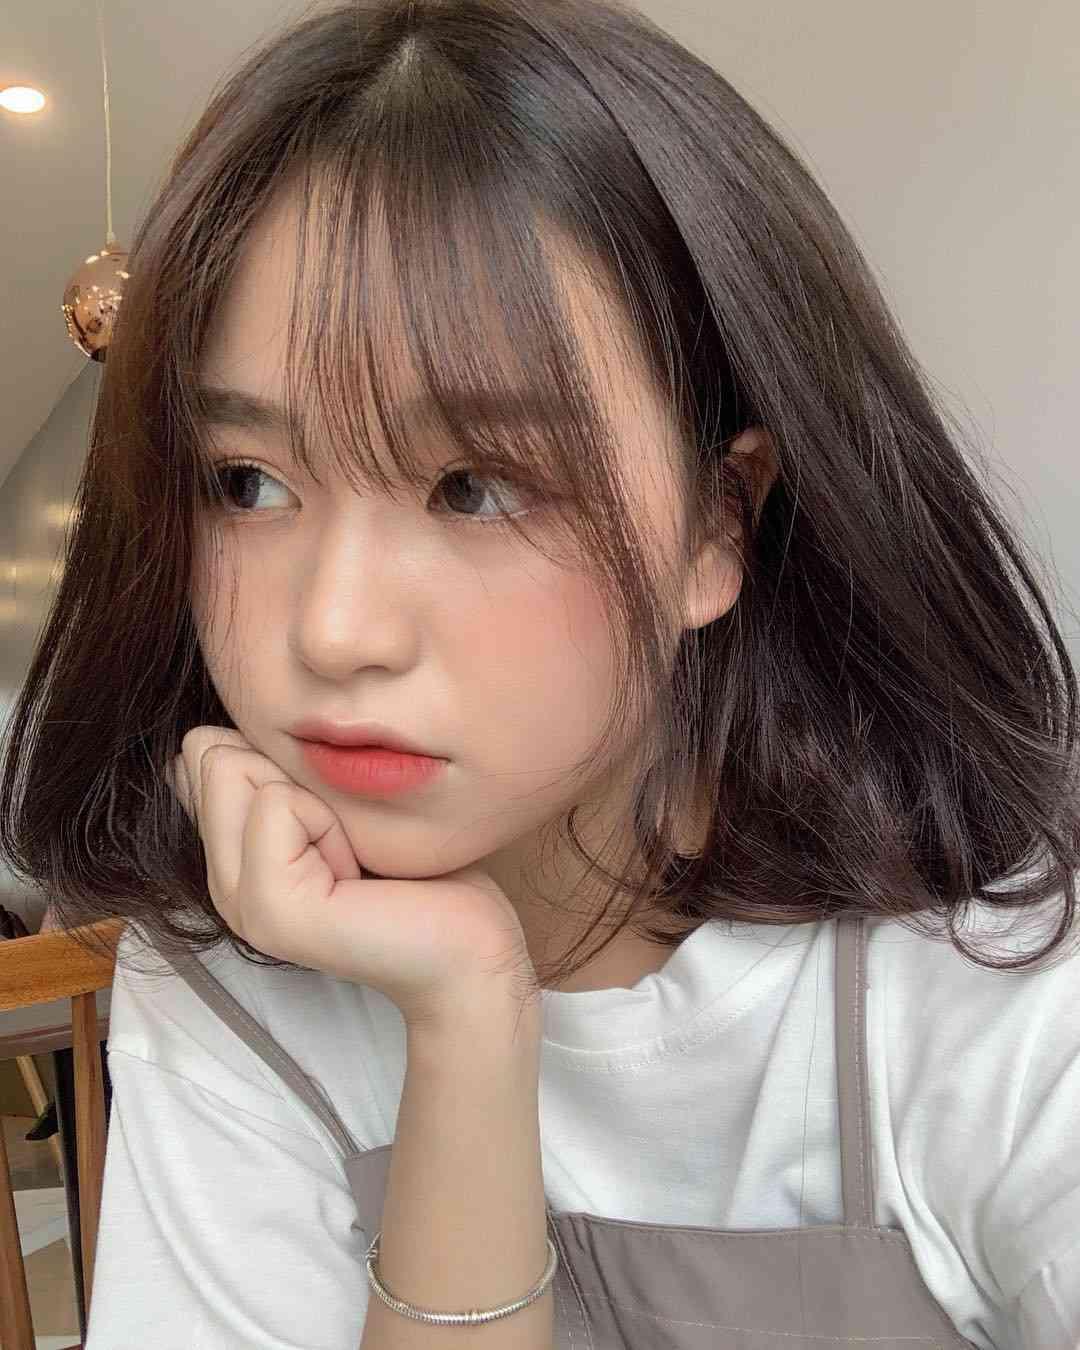 Cô gái được cho là bạn gái mới Quang Hải: Cao 1m52 và rất nóng bỏng - 5